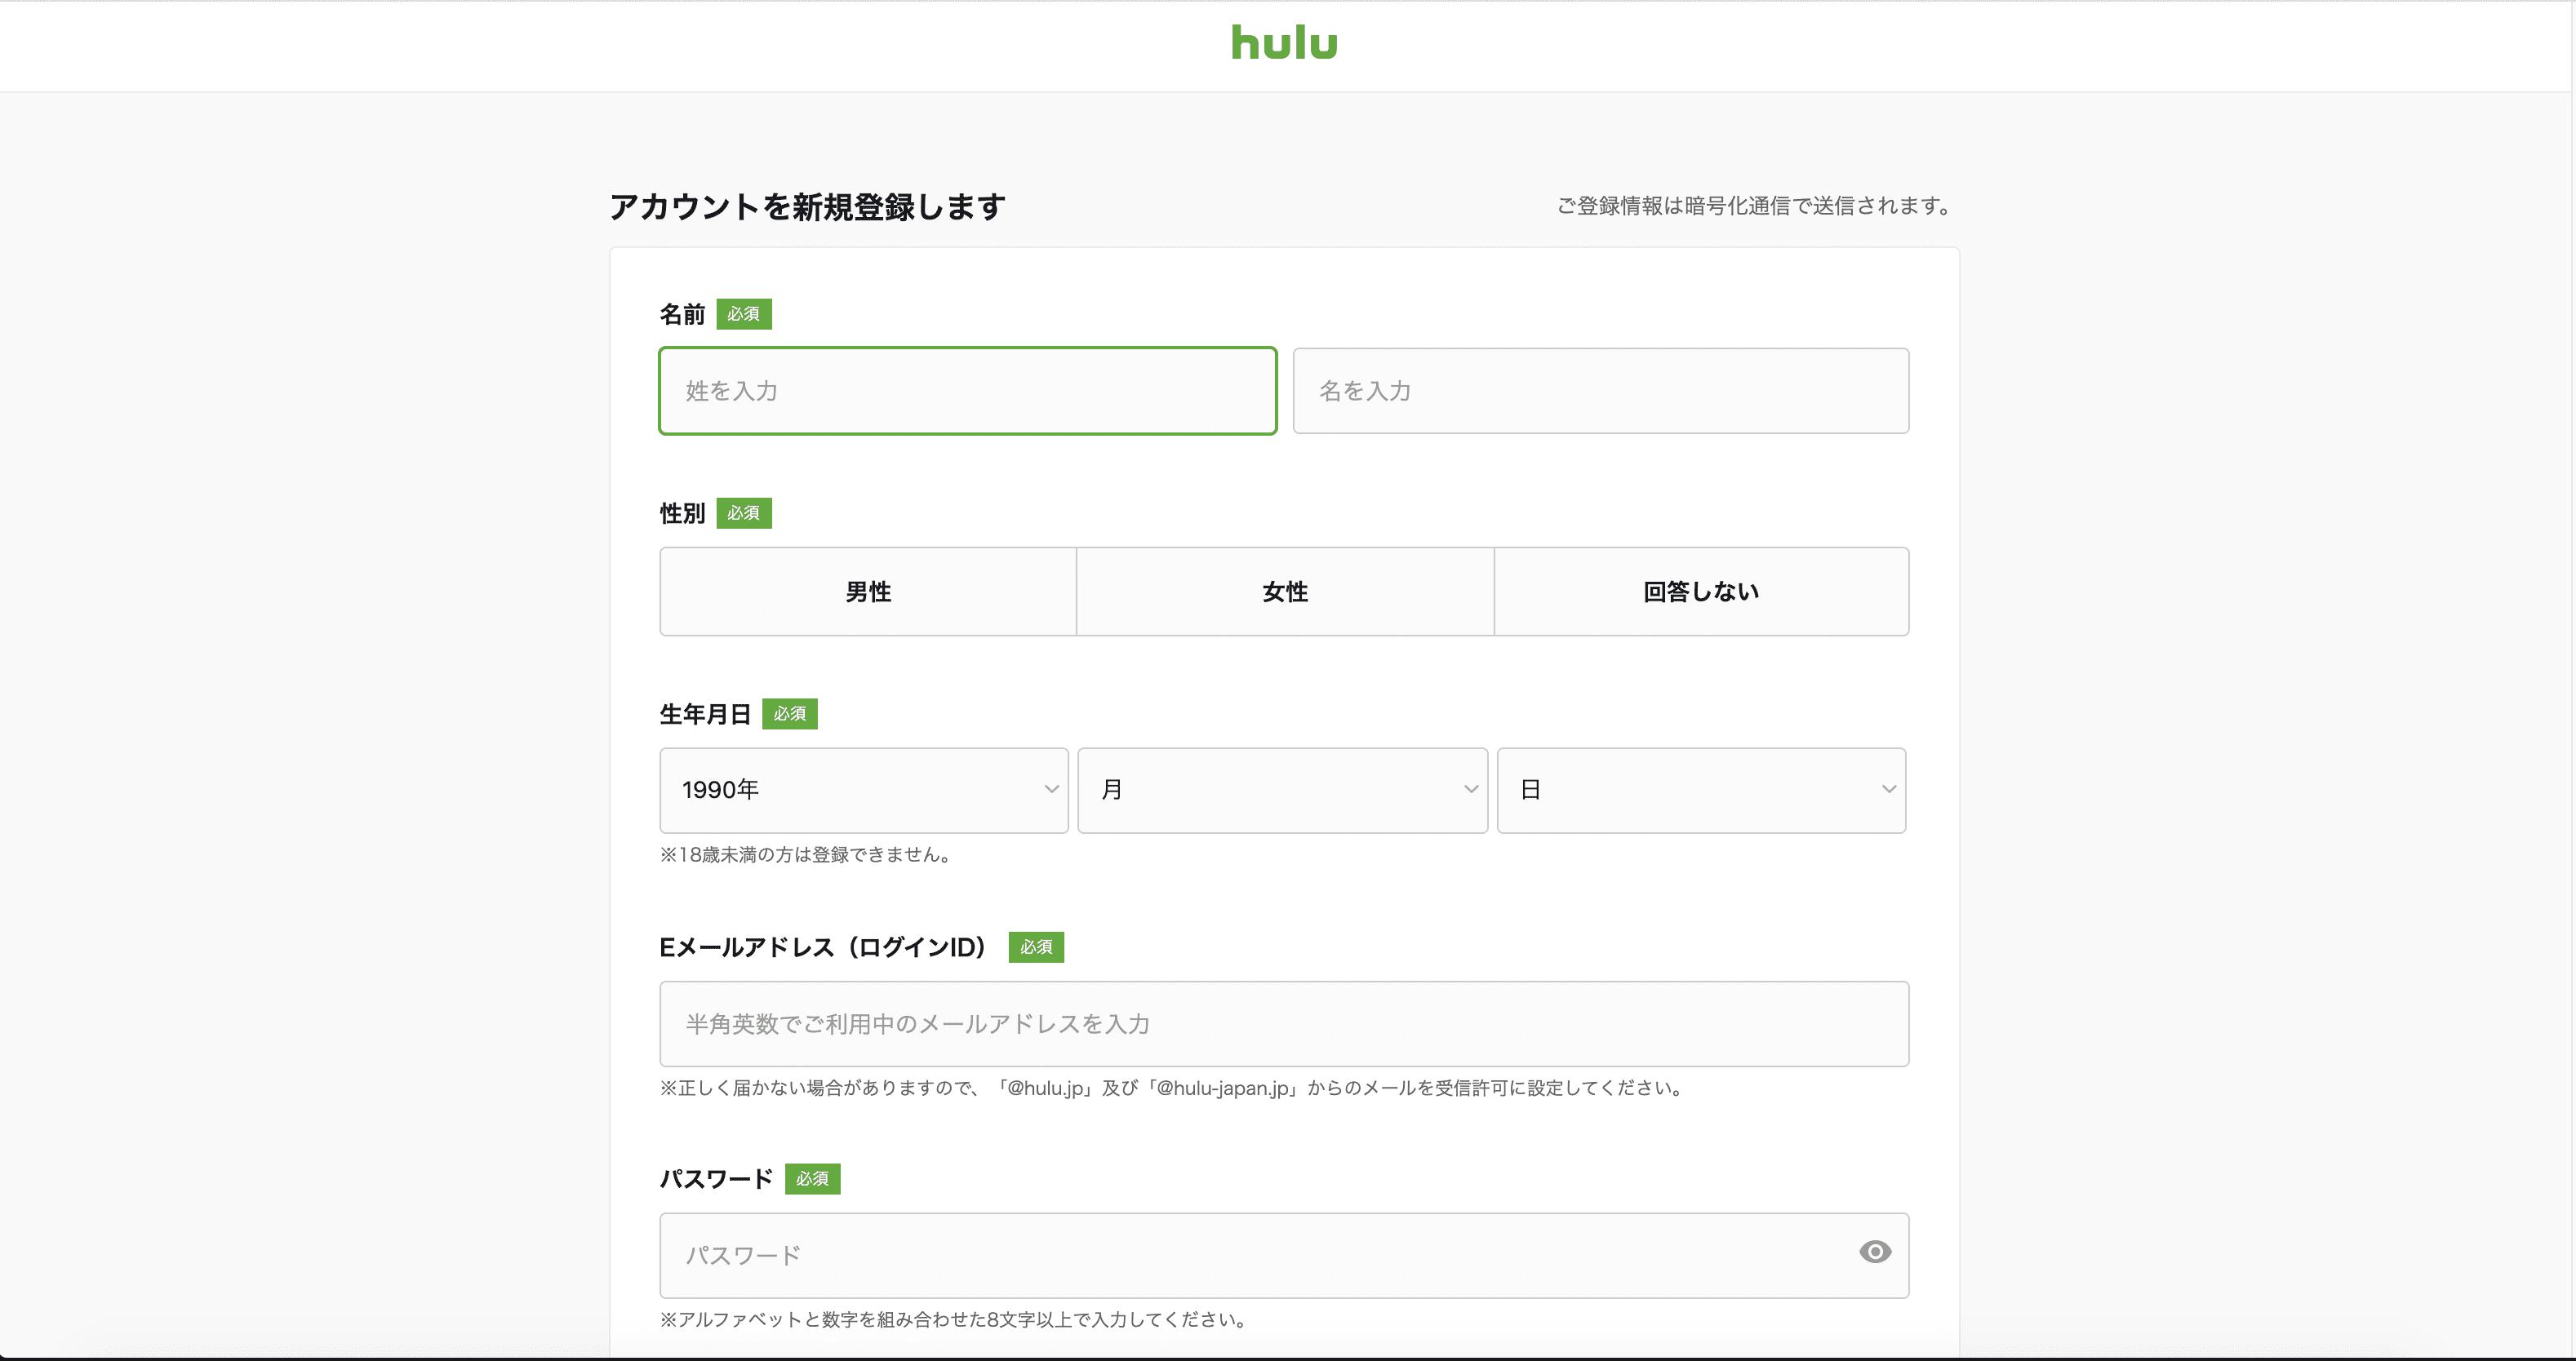 hulu2